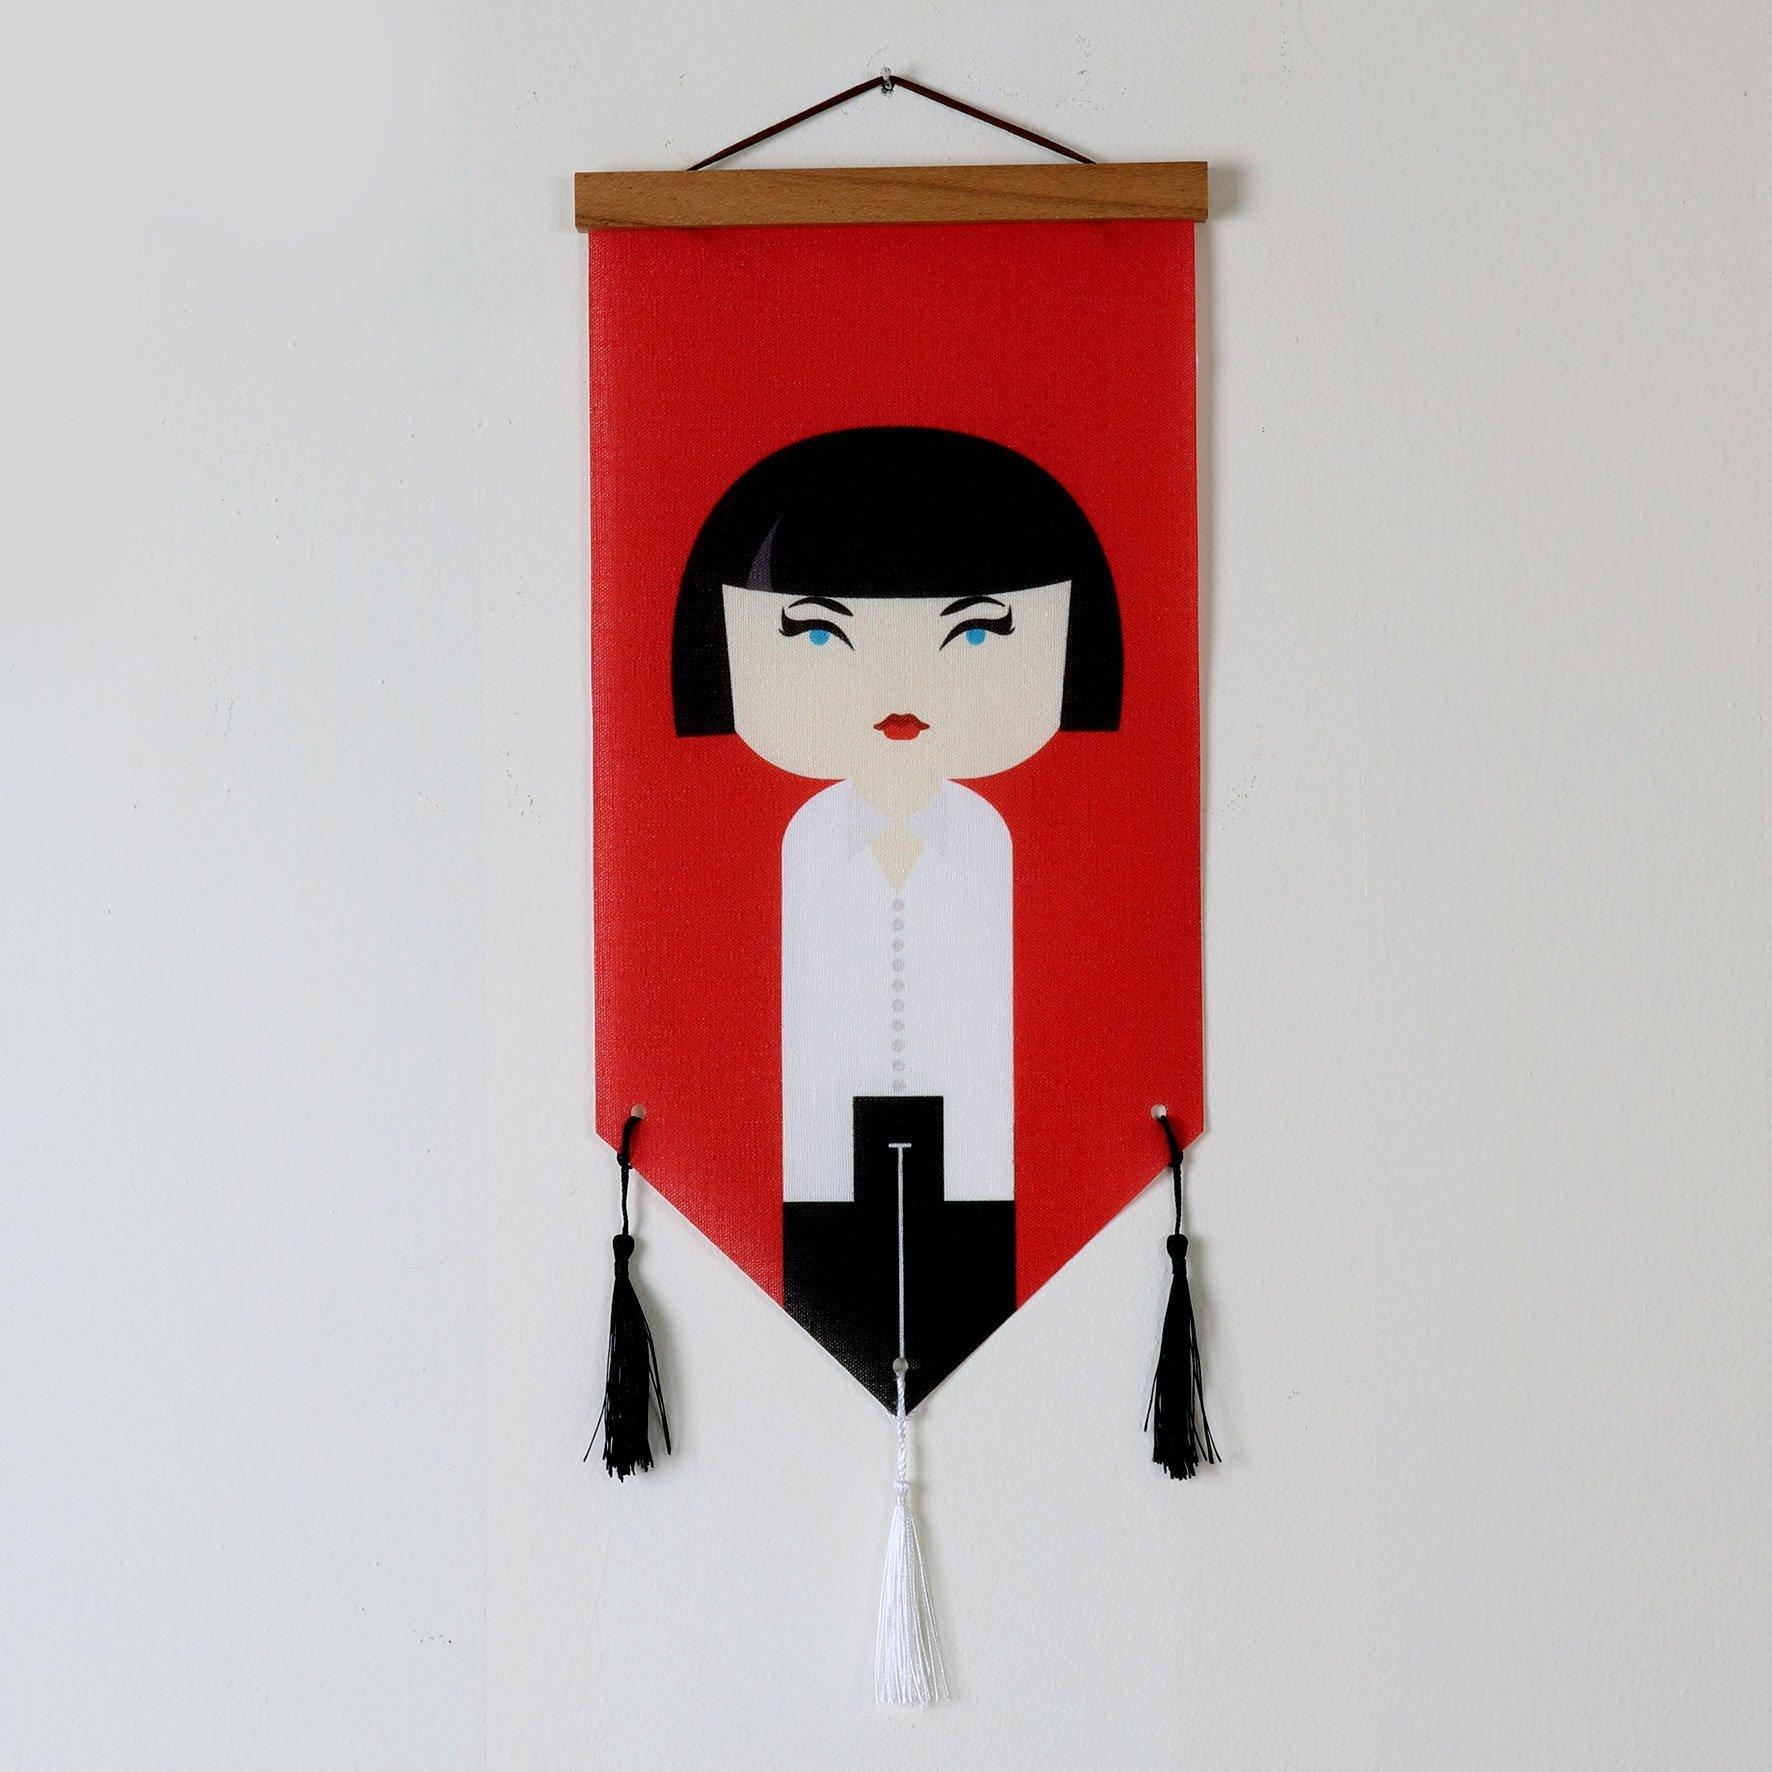 דגלון בד מעוצב לקיר אישה רקע אדום